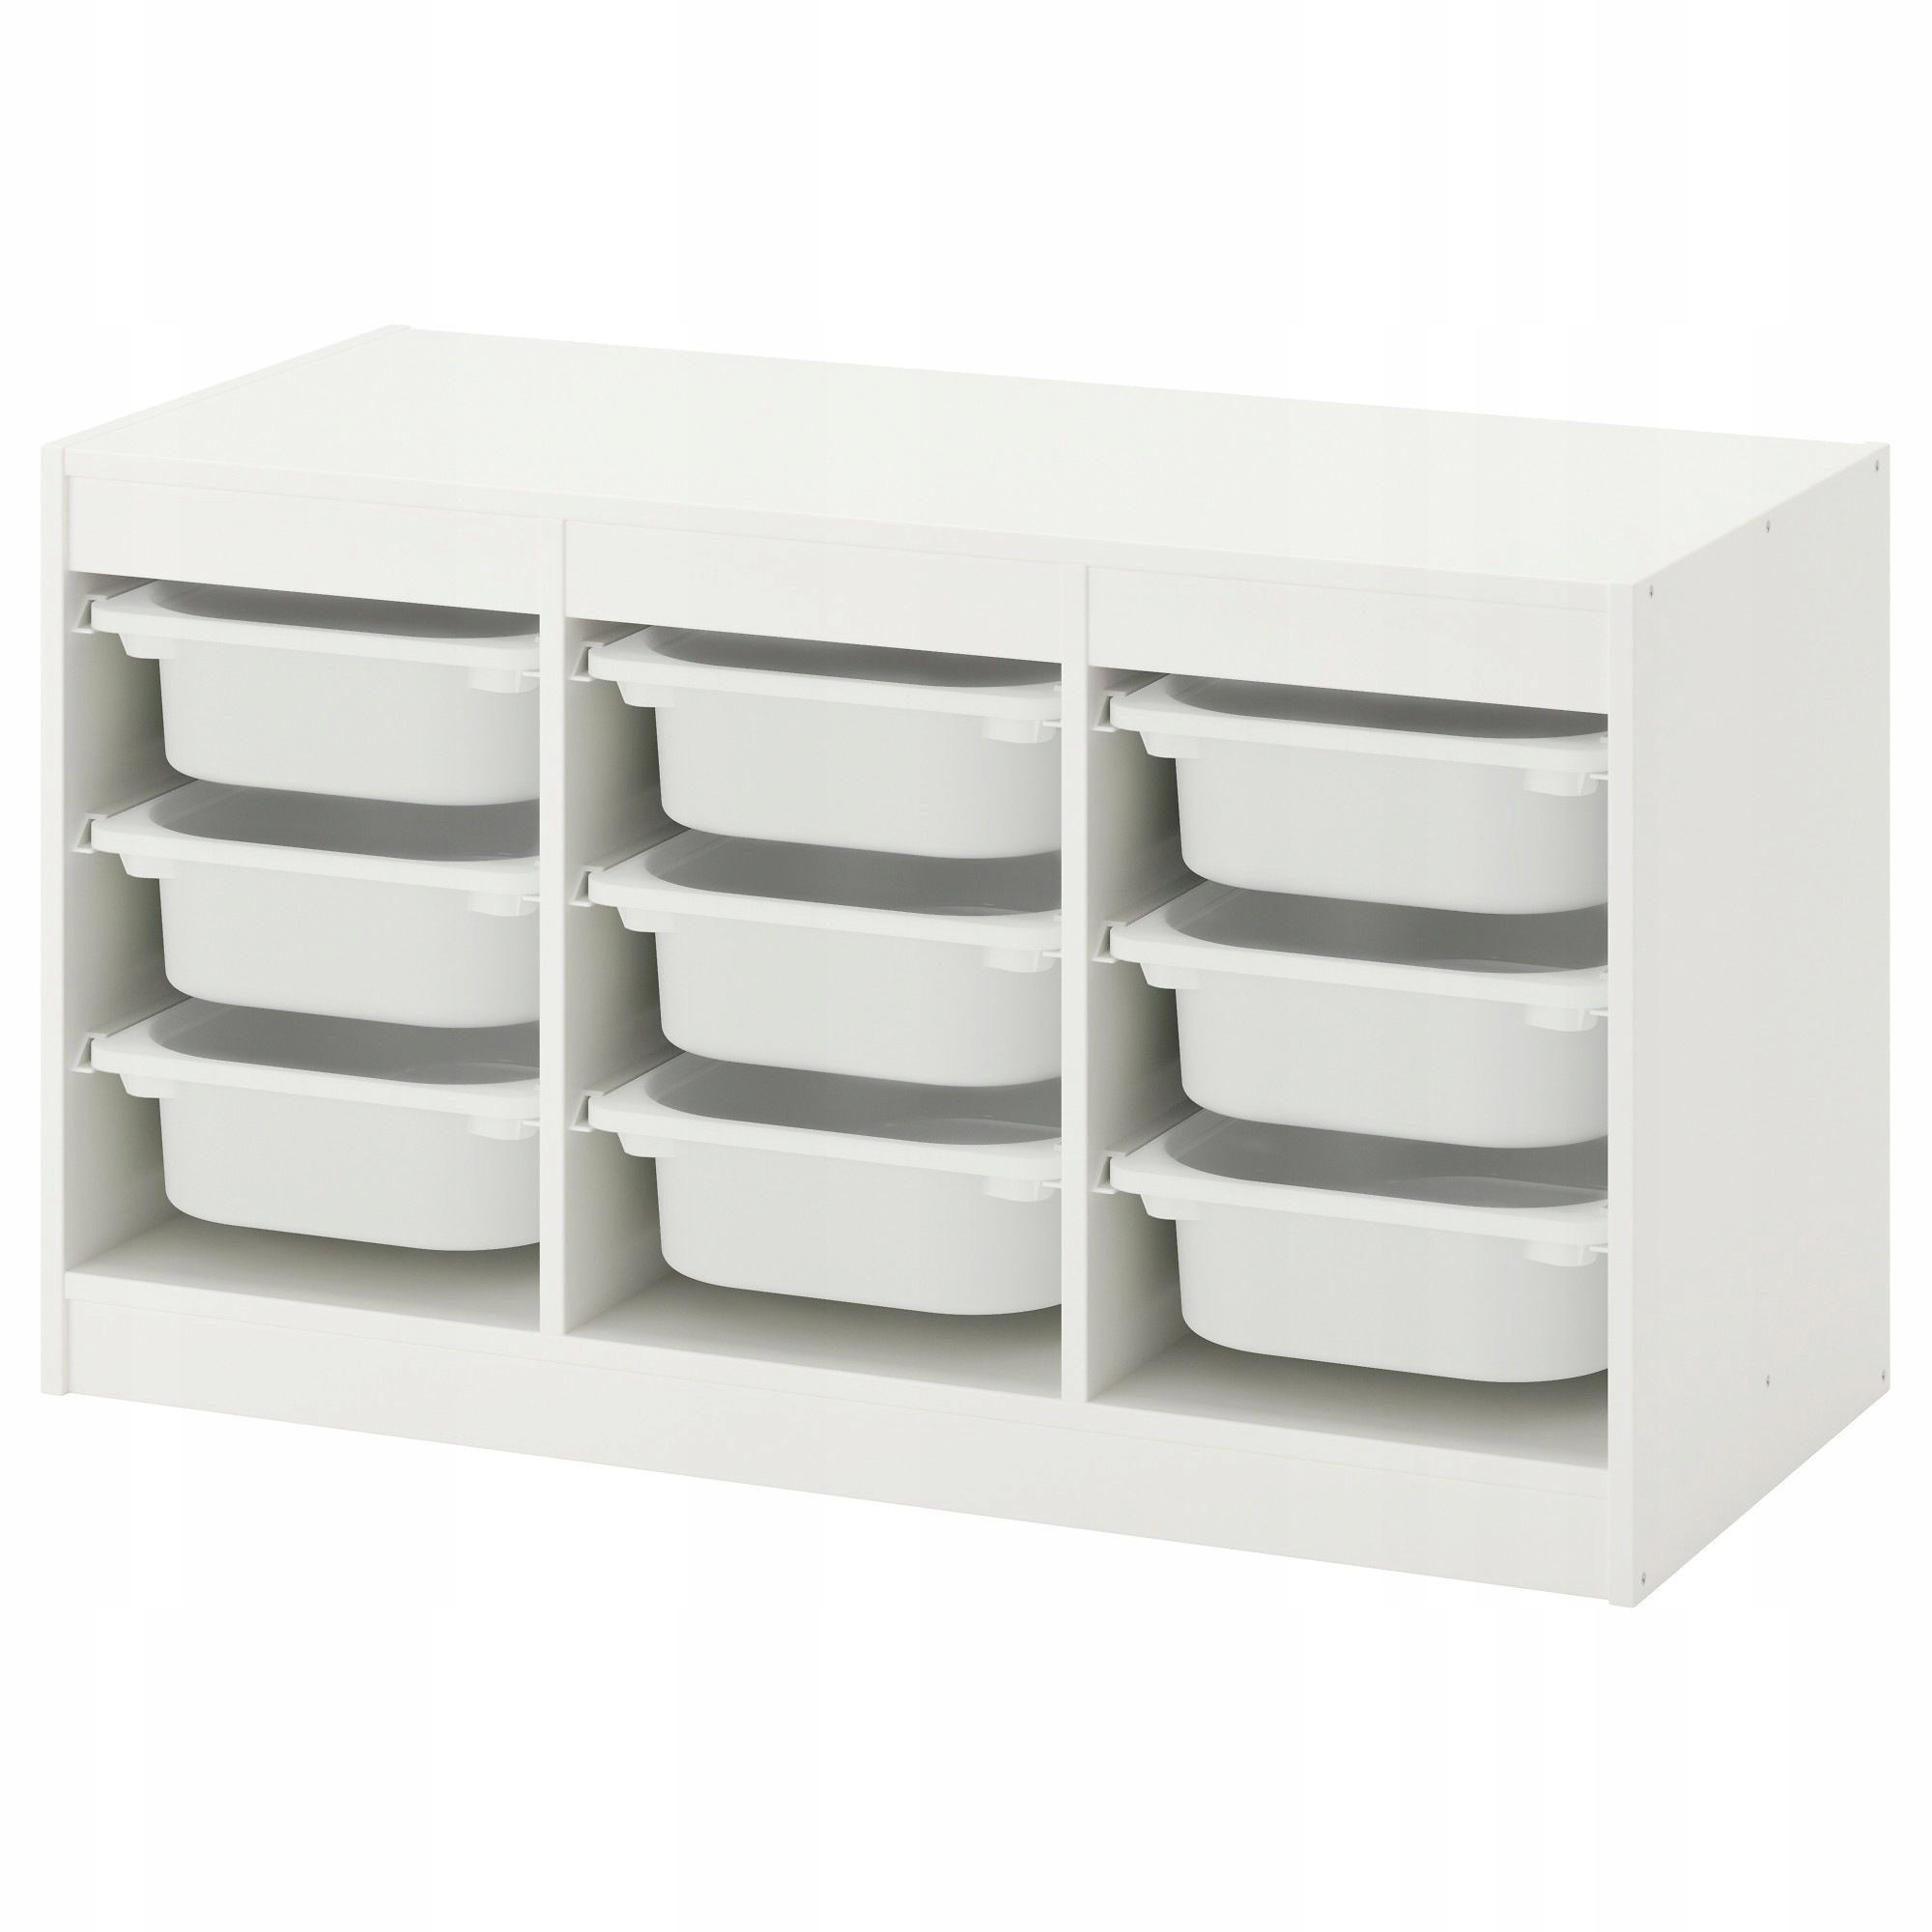 Ikea Trofast Regał Na Zabawki 9 Pojemników 7388715105